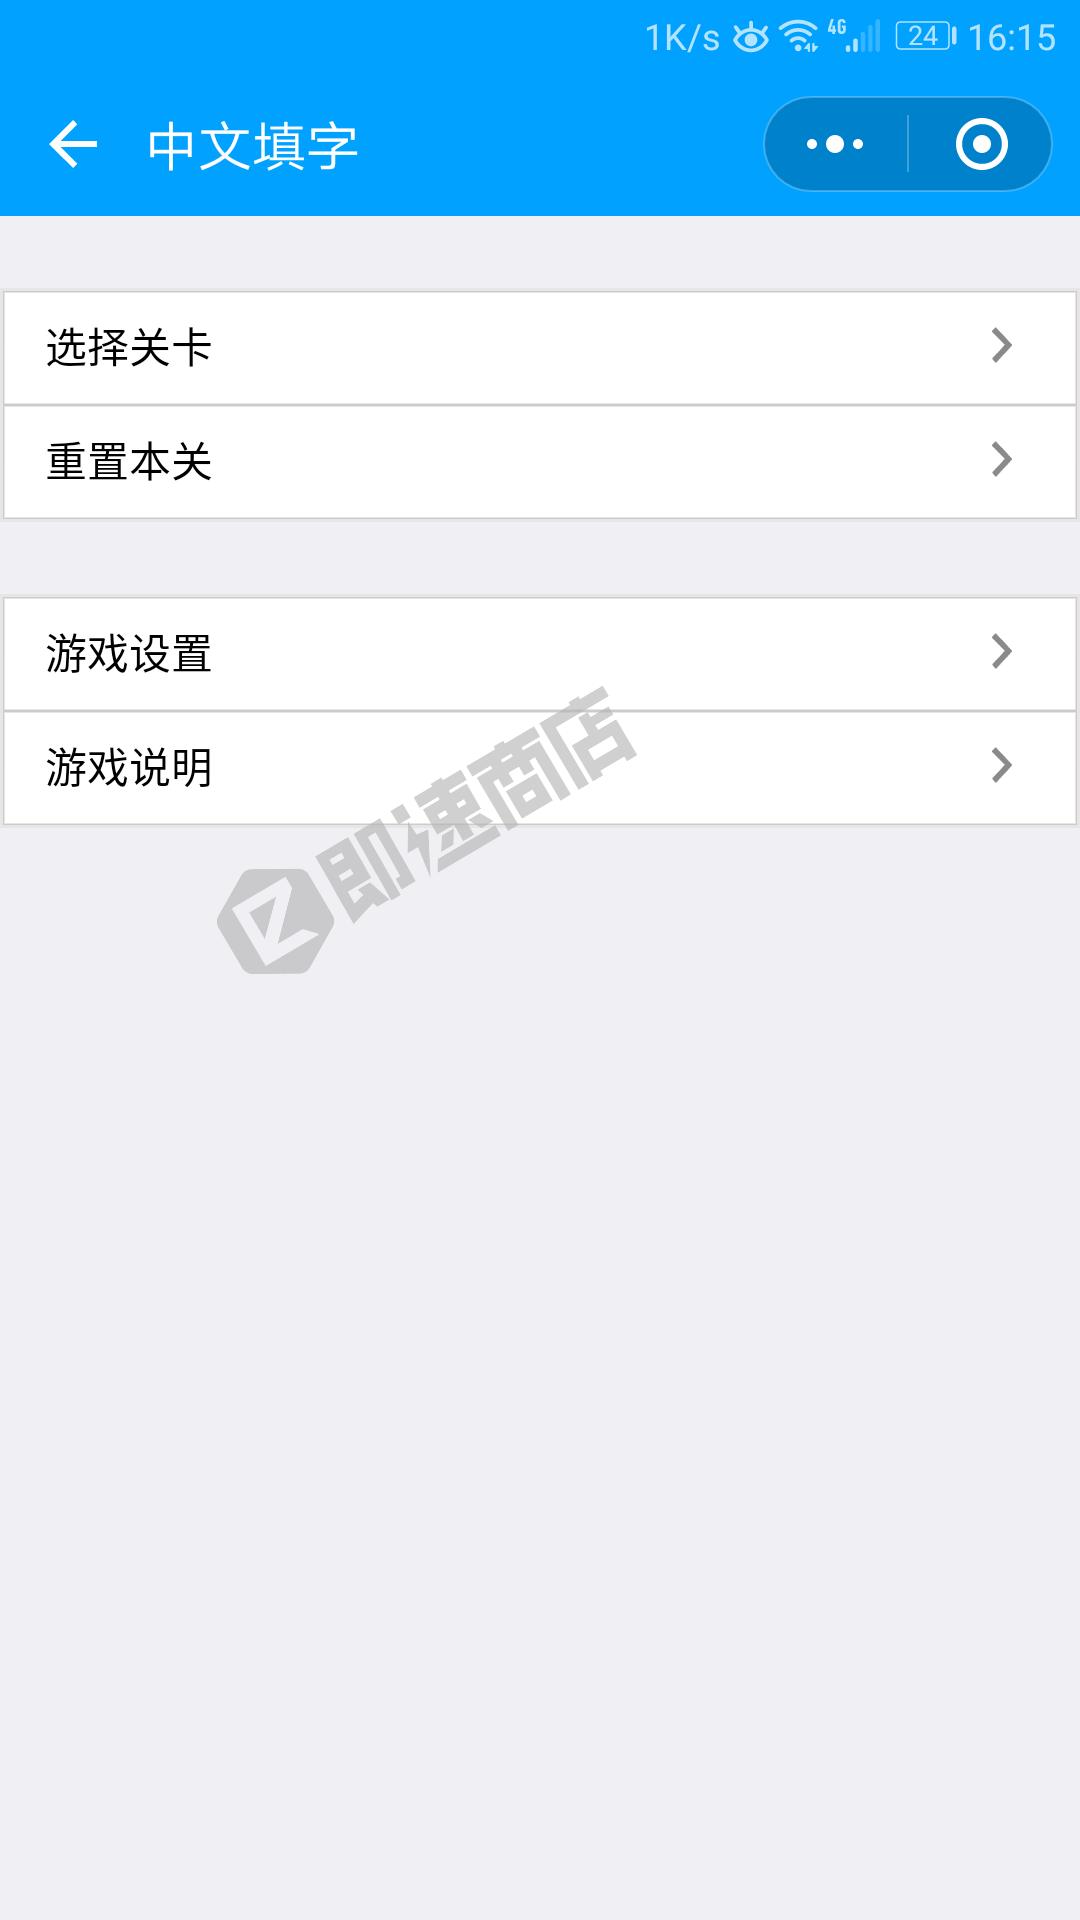 中文填字游戏小程序详情页截图